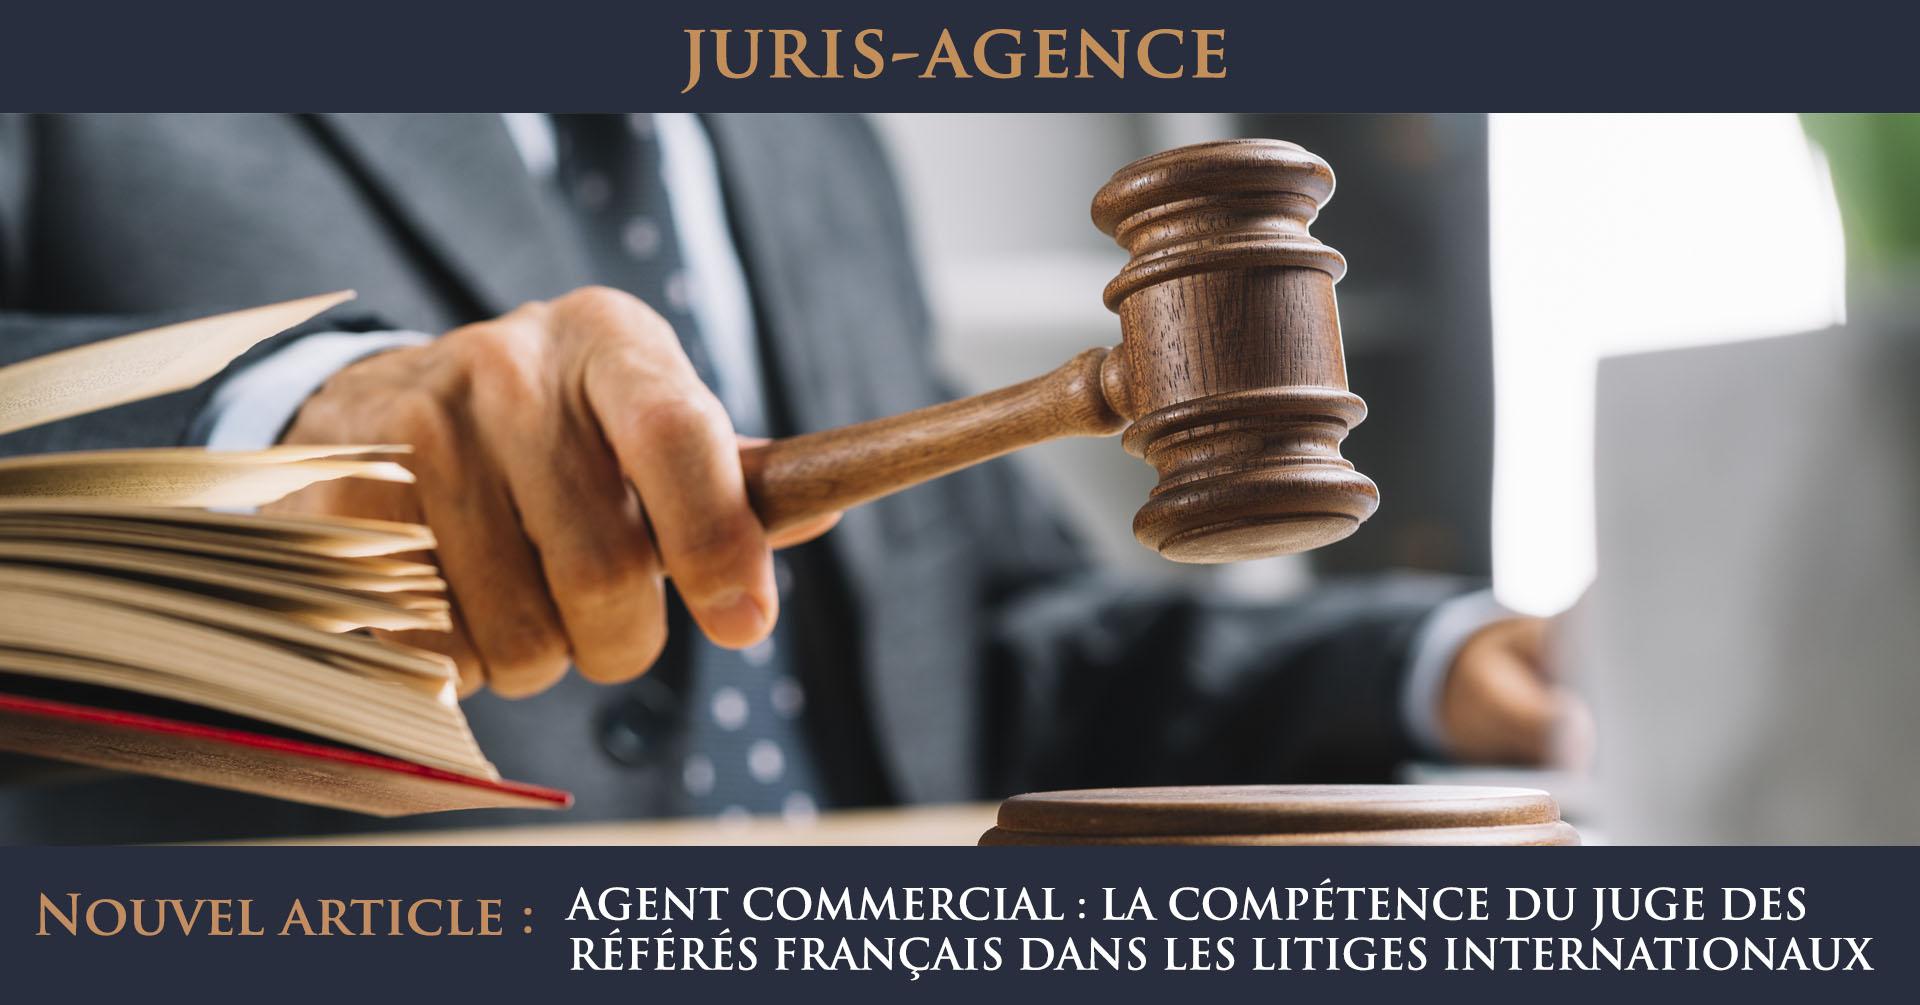 agent commercial compétence juge référés français litiges internationaux